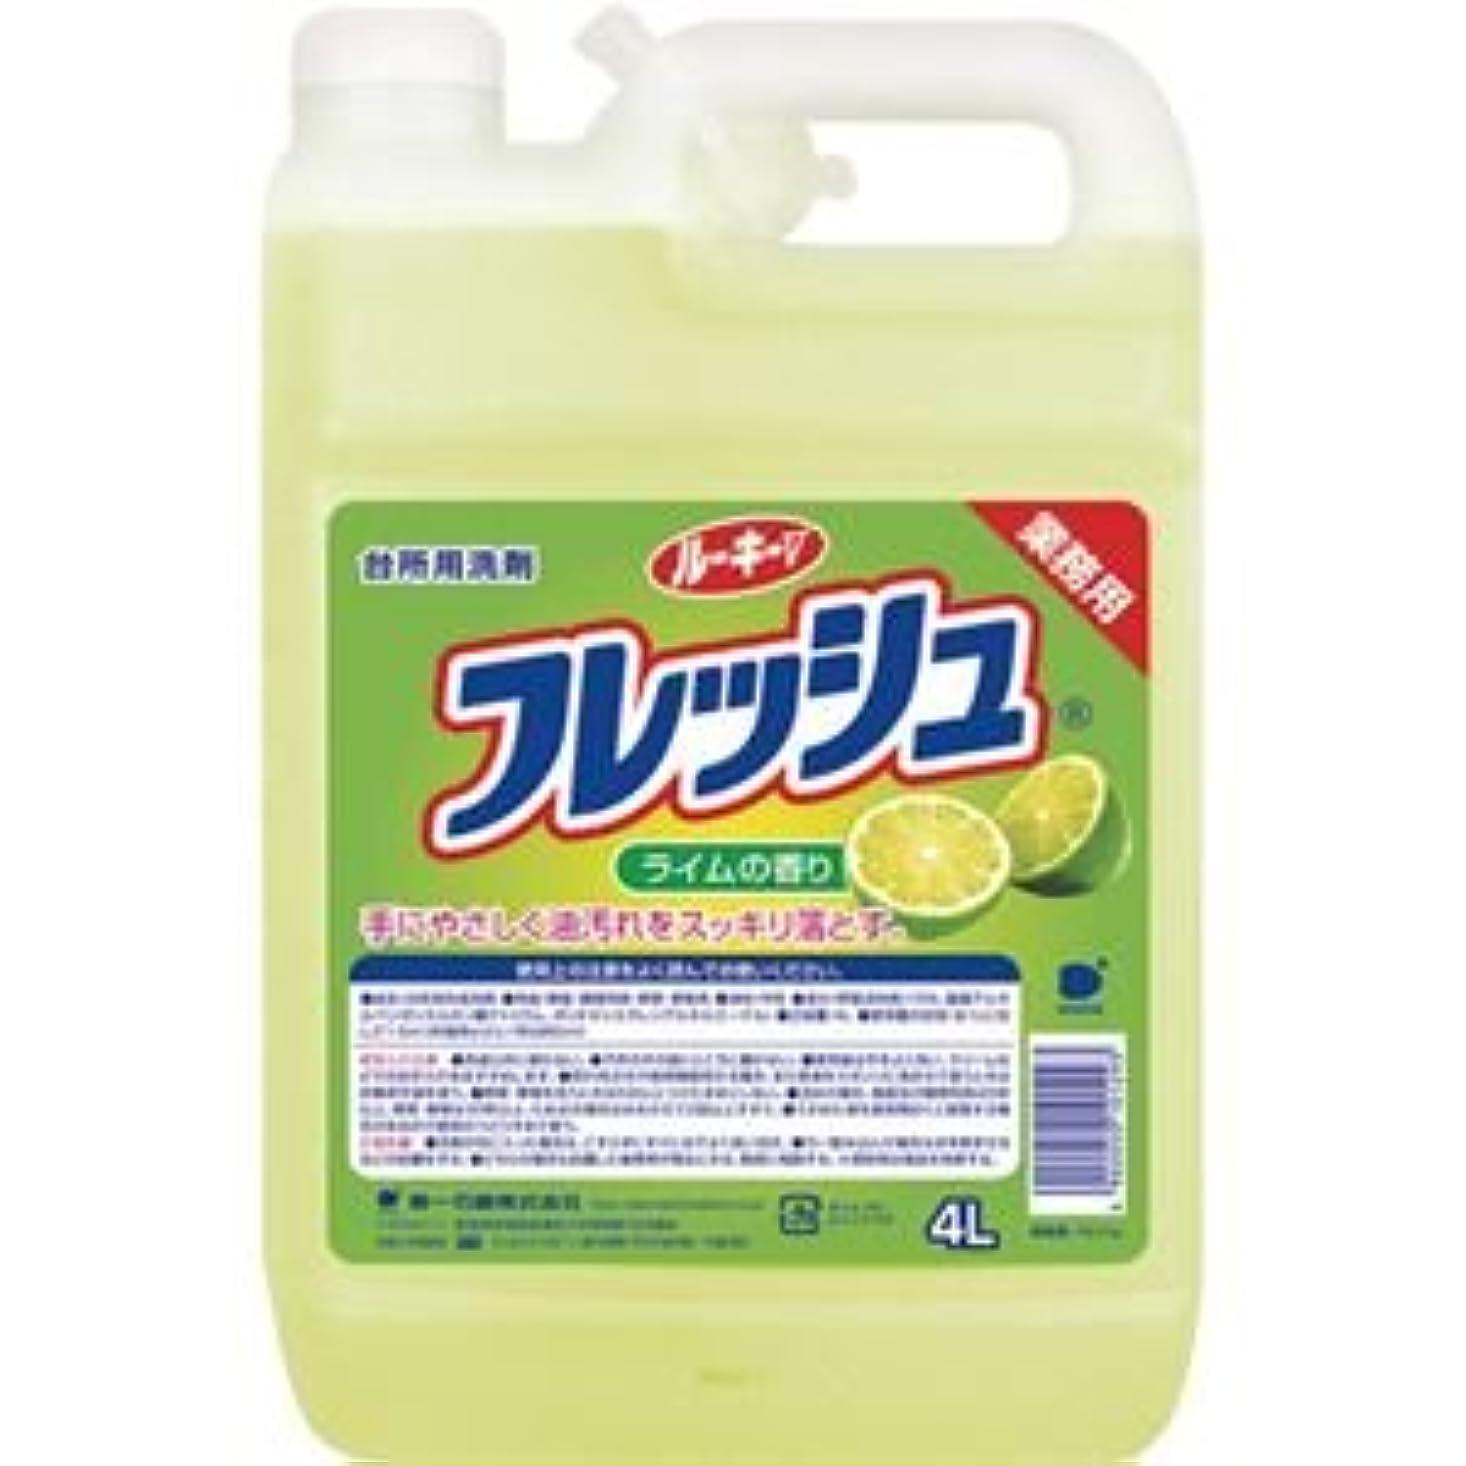 ピケ会話待って(まとめ) 第一石鹸 ルーキーVフレッシュ 業務用 4L 1本 【×5セット】